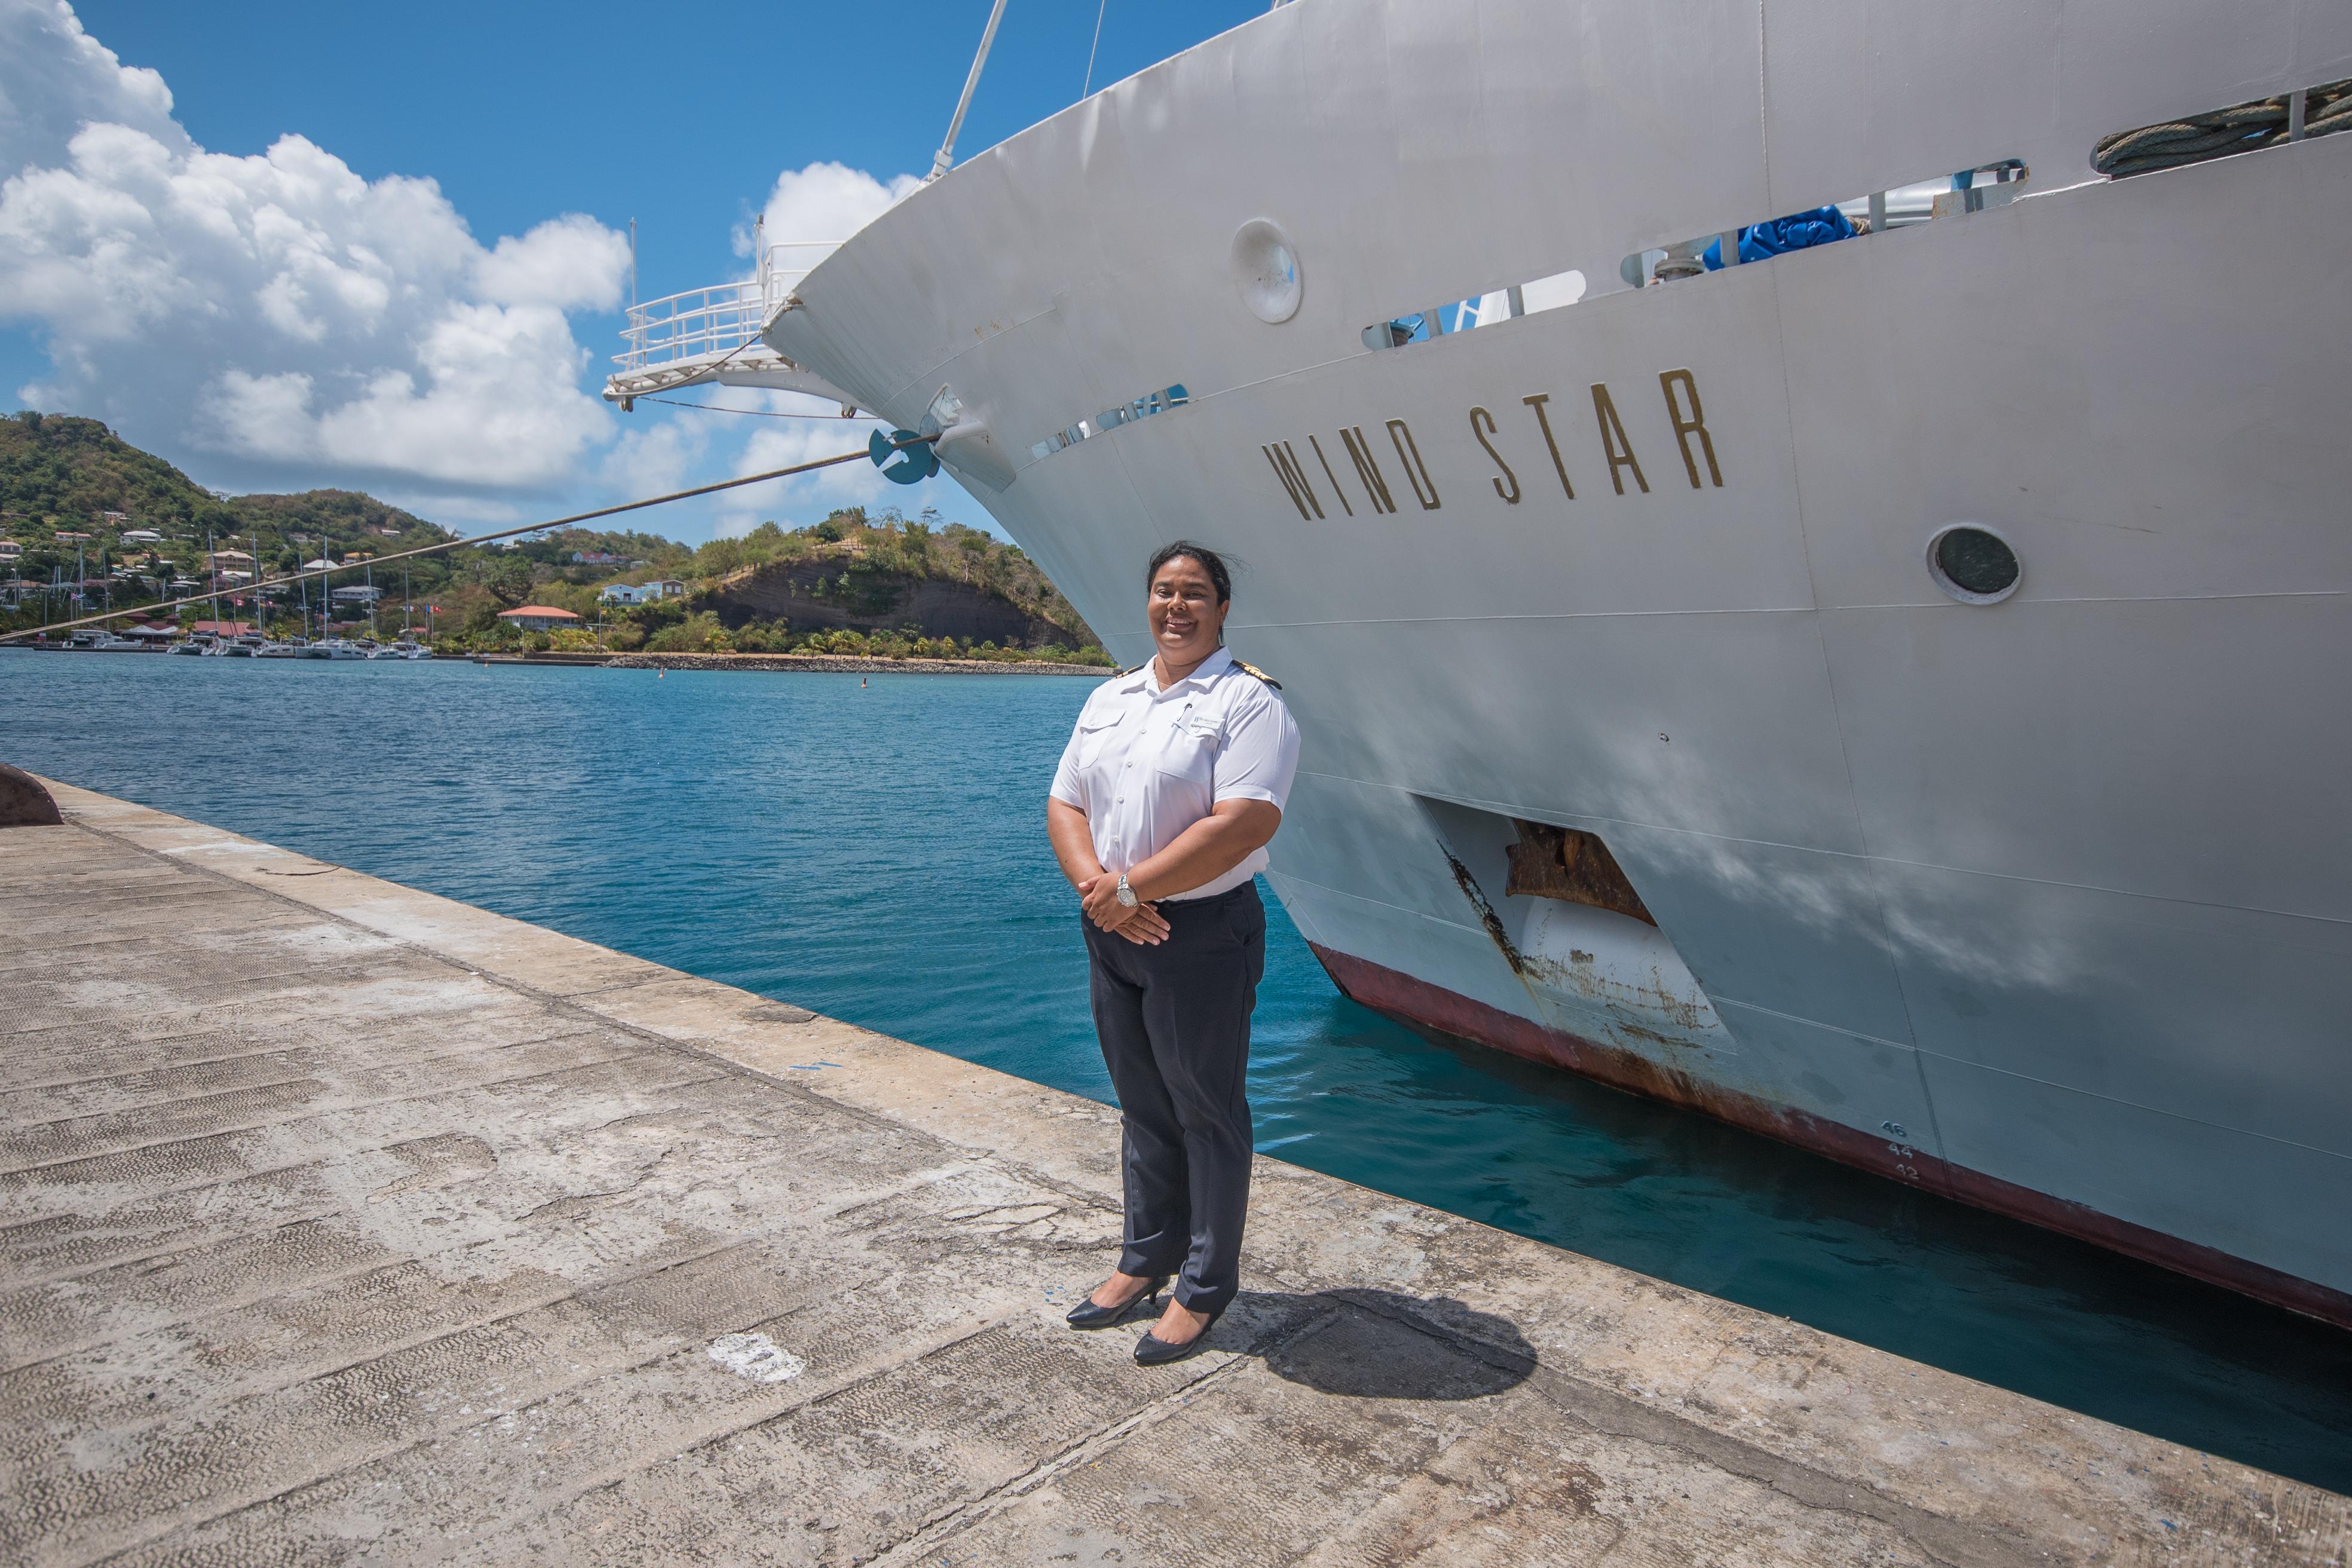 Windstar Names First Female Captain Belinda Bennett ... Belinda Bennett